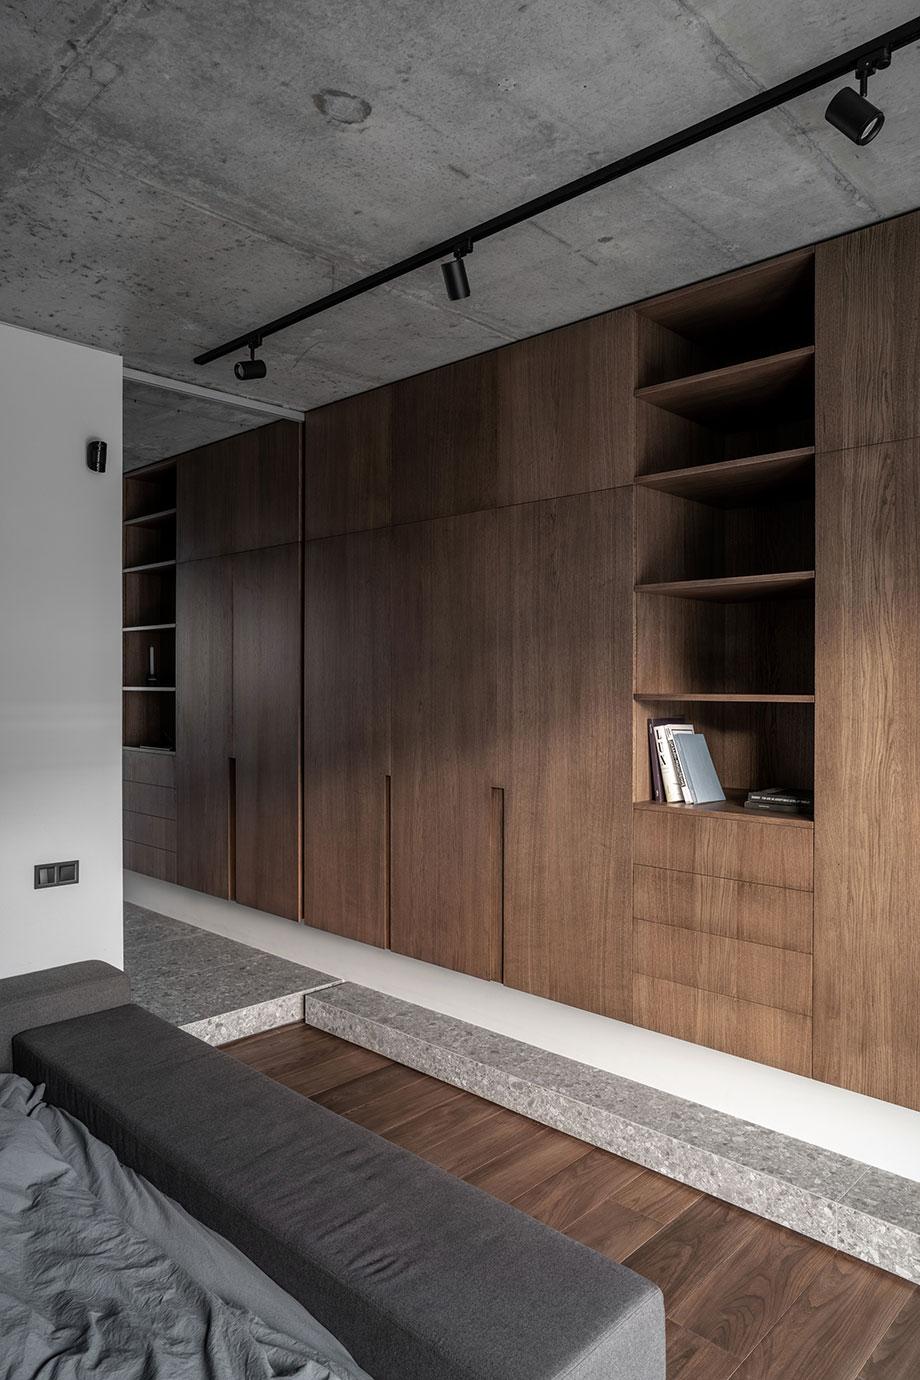 apartamento en kiev de fild (17) - foto andrey bezuglov